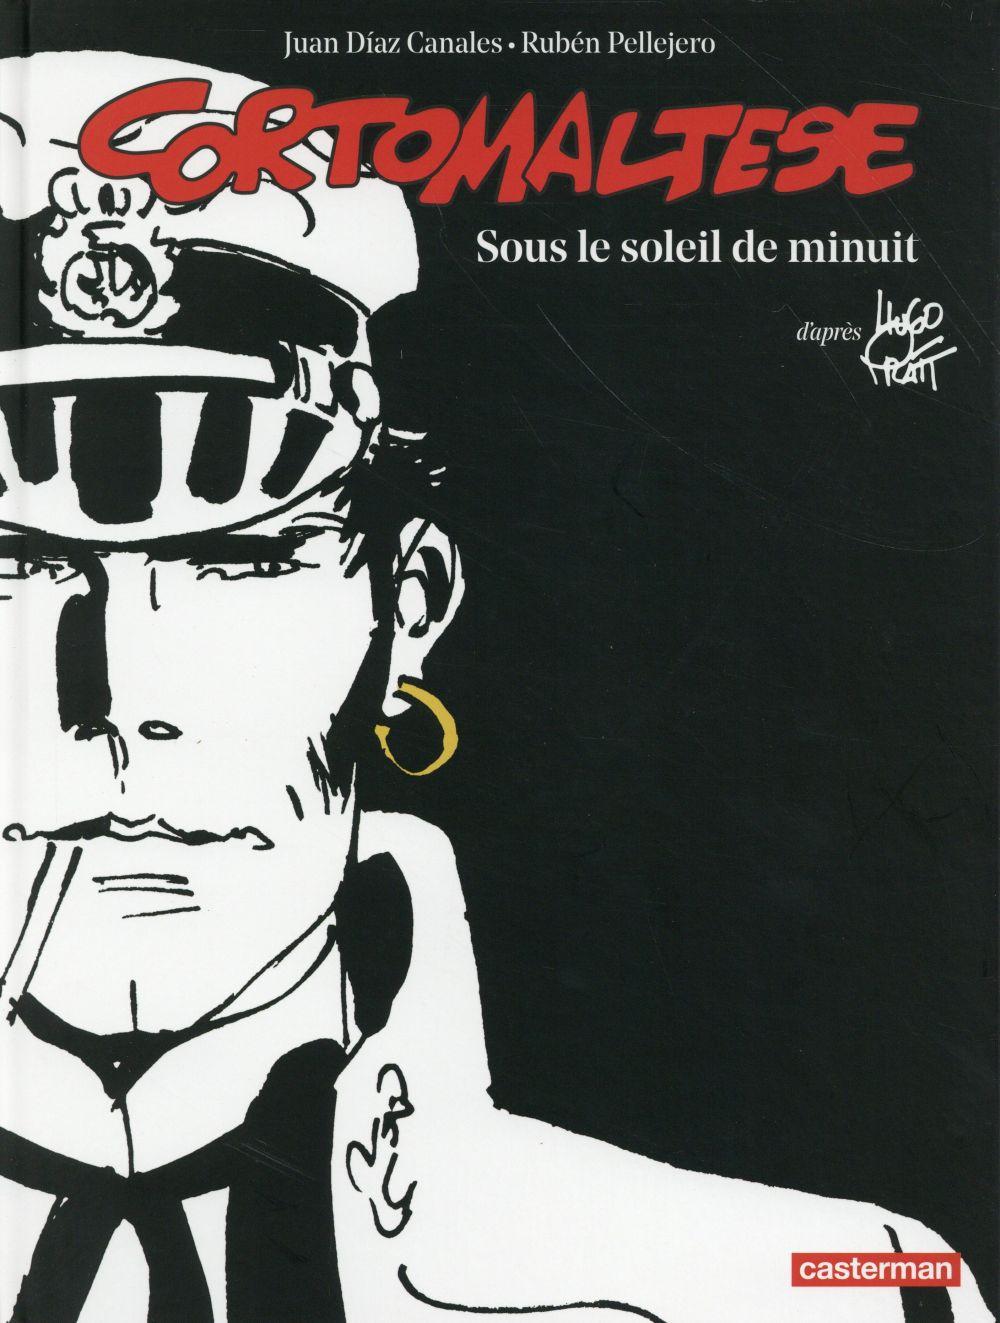 SOUS LE SOLEIL DE MINUIT - CORTO MALTESE - T13 - D'APRES L'OEUVRE D' HUGO PRATT Pellejero Ruben Casterman